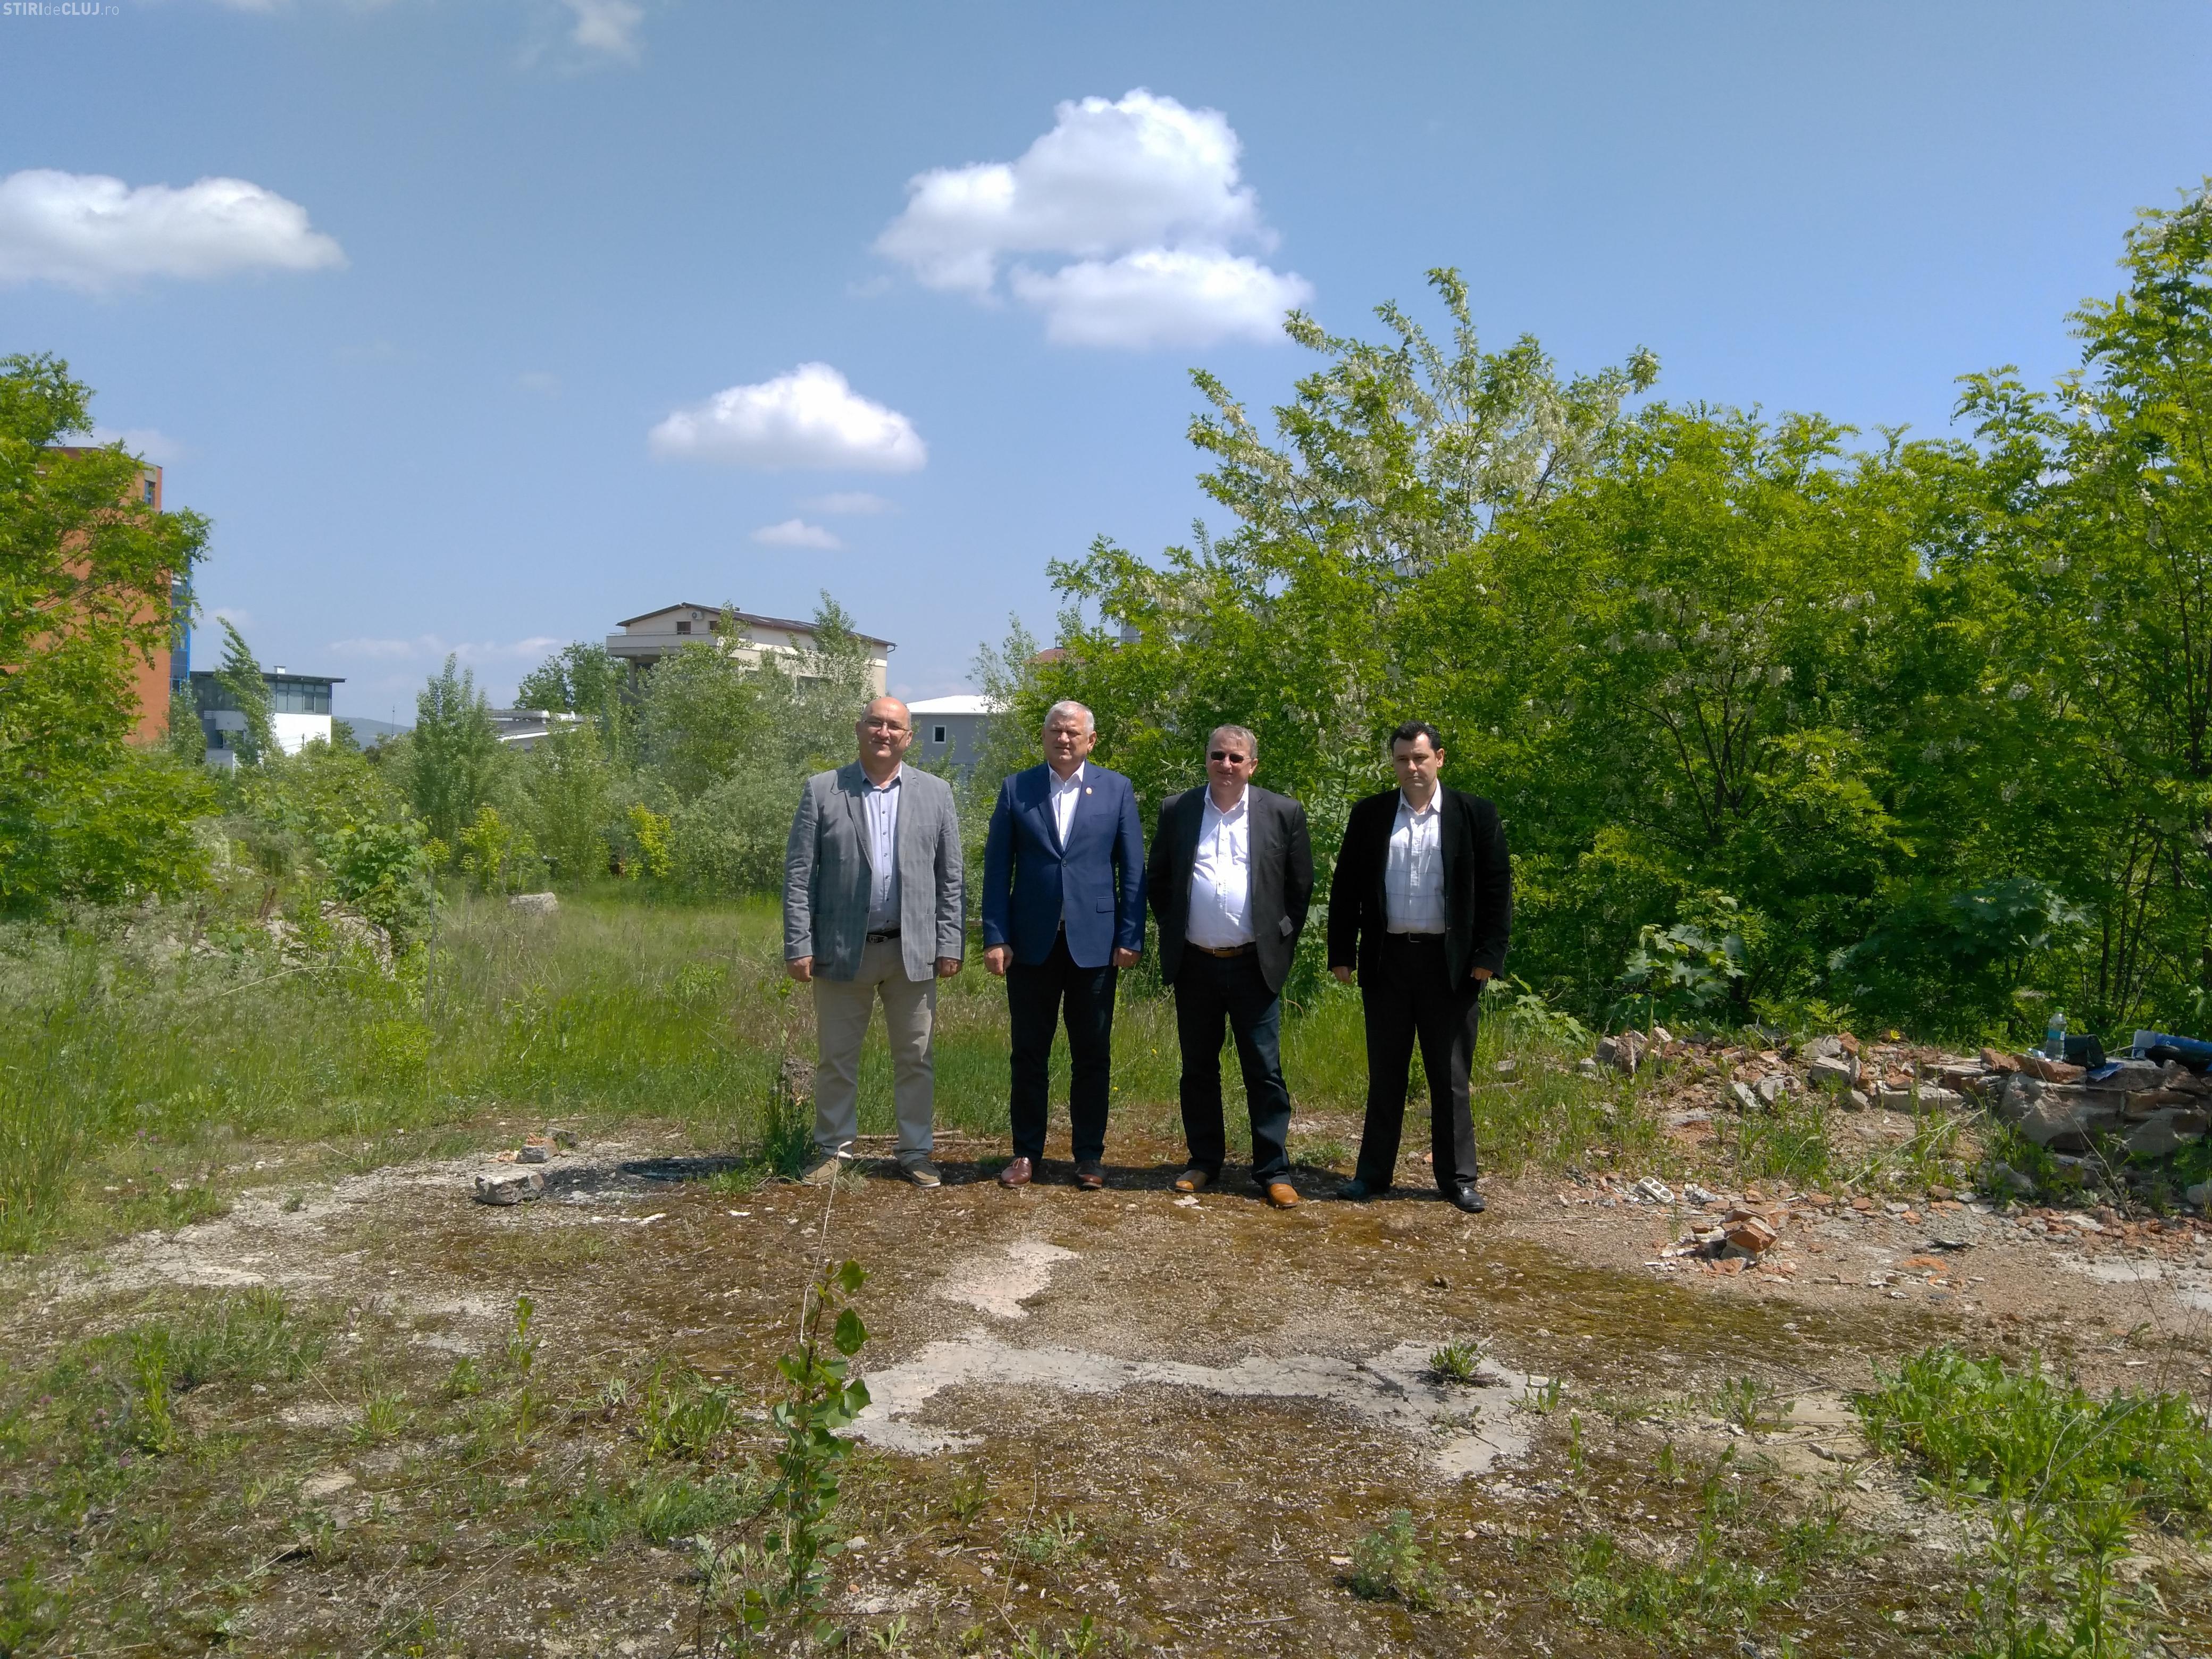 Teren de 7.000 de metri pătrați în centrul Clujului, lăsat în paragină. PSD acuză Consiliul Județean